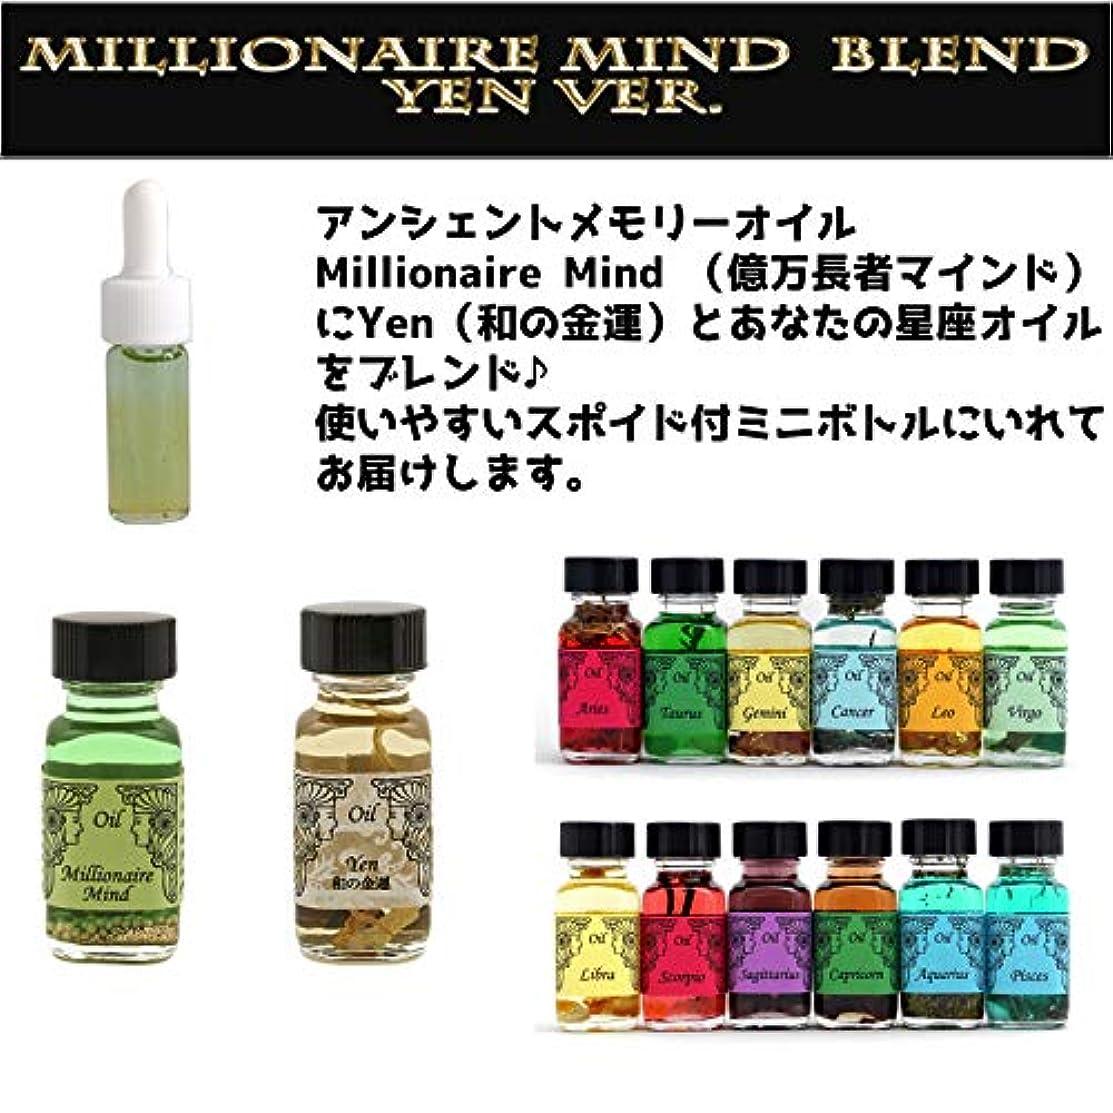 胆嚢取り付けサイトラインアンシェントメモリーオイル Millionaire Mind 億万長者マインド ブレンド【Yen 和の金運&うお座】